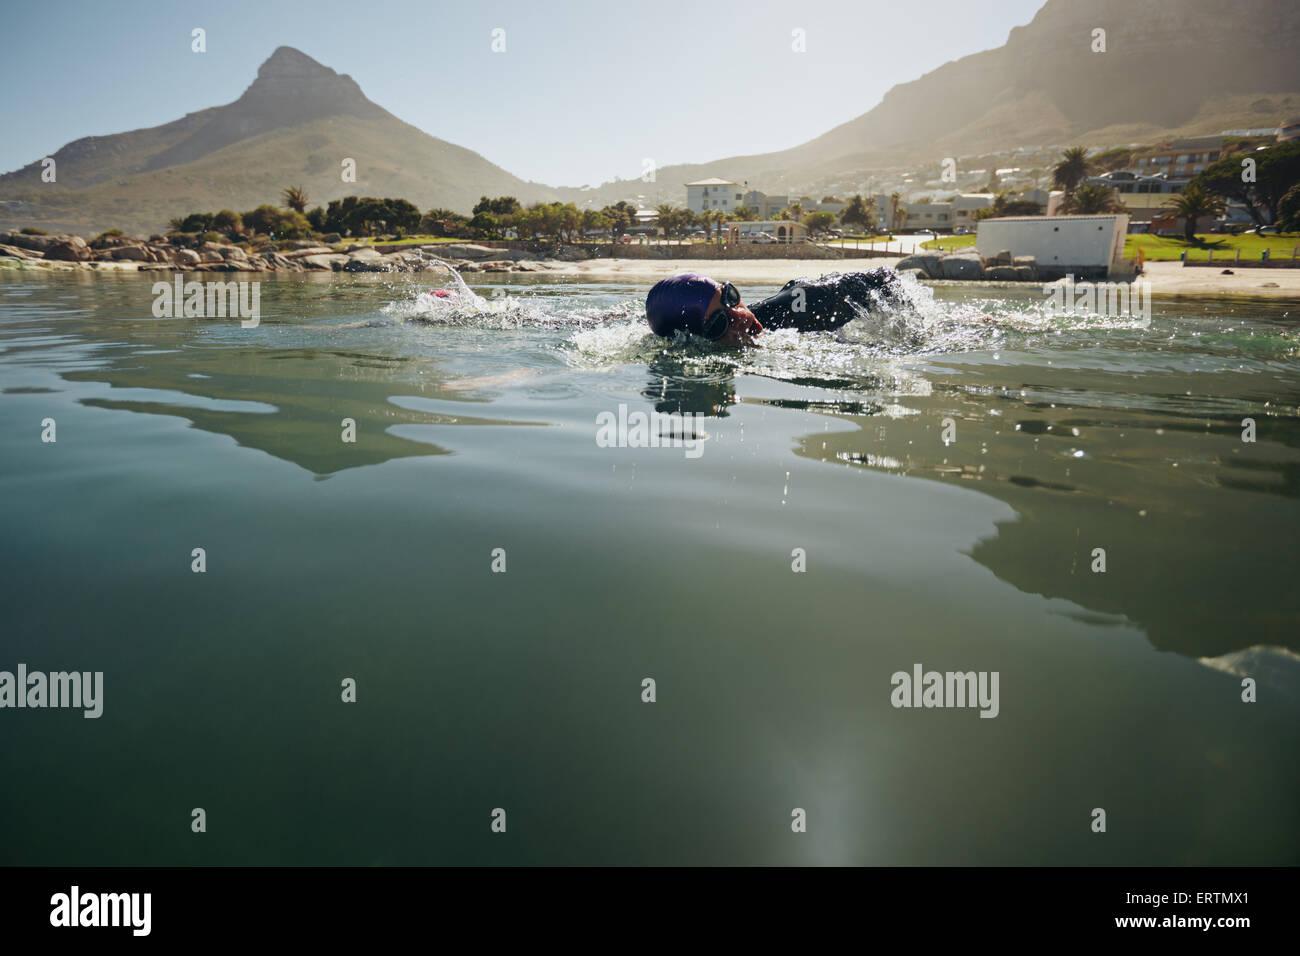 Männlicher Athlet im Freiwasser schwimmen. Sportler üben für den Triathlon-Wettbewerb. Stockfoto